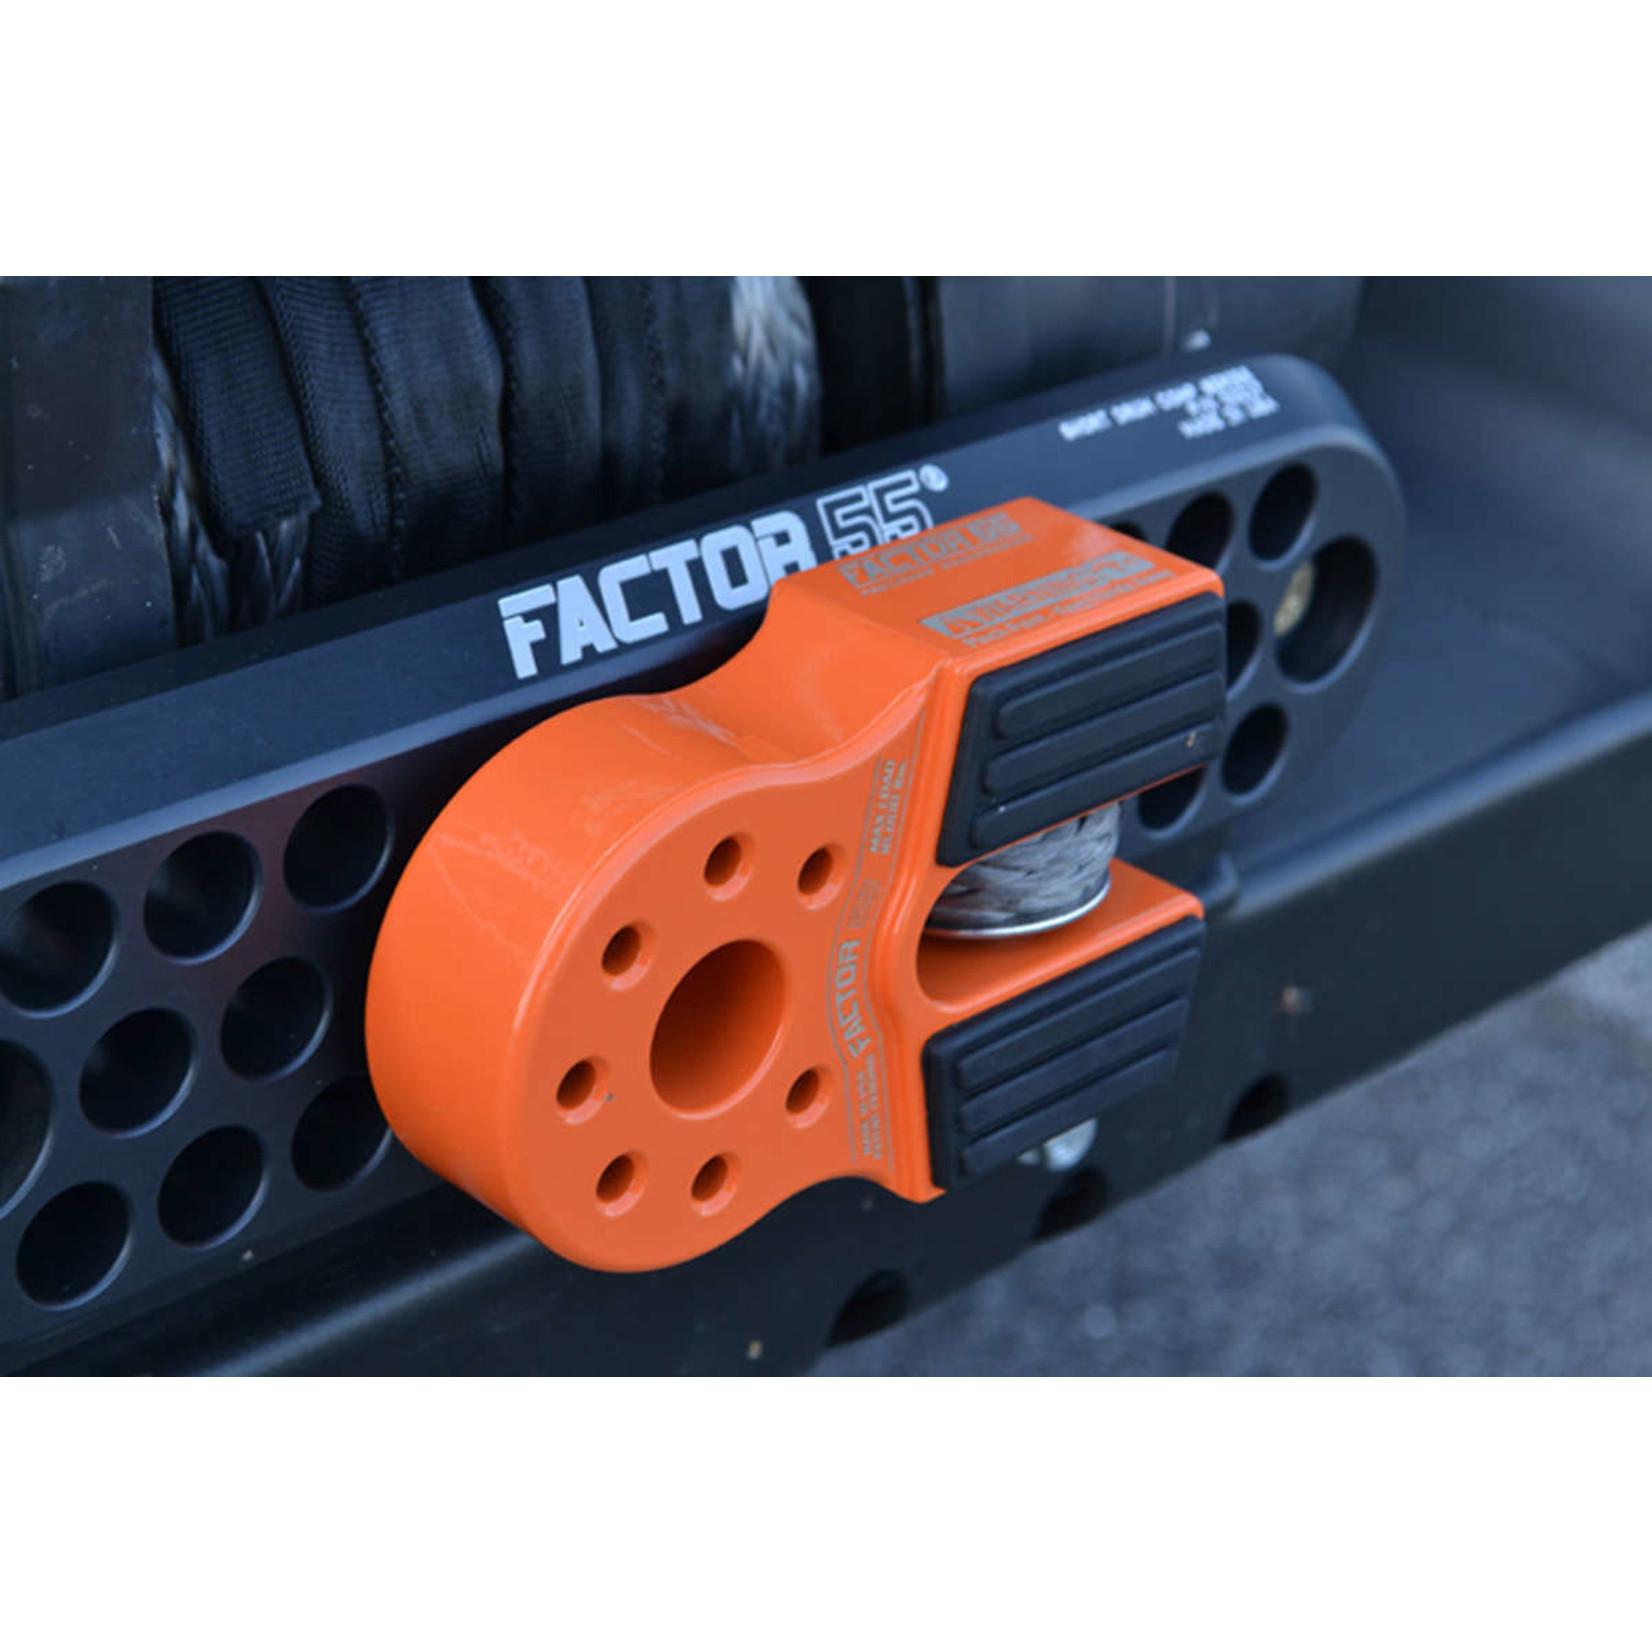 Factor 55 Factor 55 Short Drum Comp Fairlead